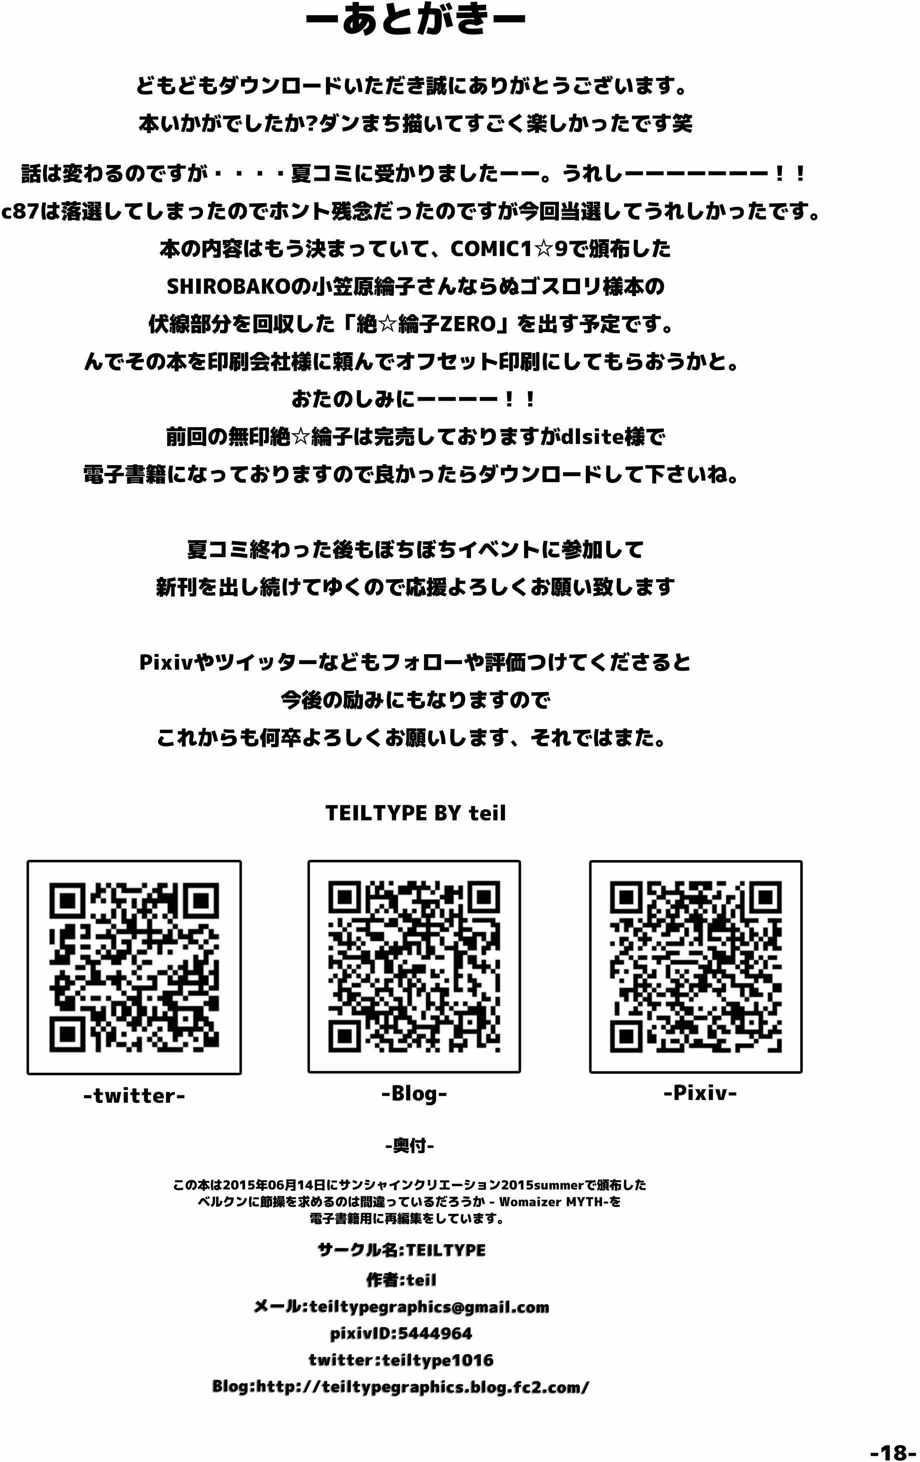 Bell-kun ni Sessou o Motomeru no wa Machigatteiru Darou ka 16